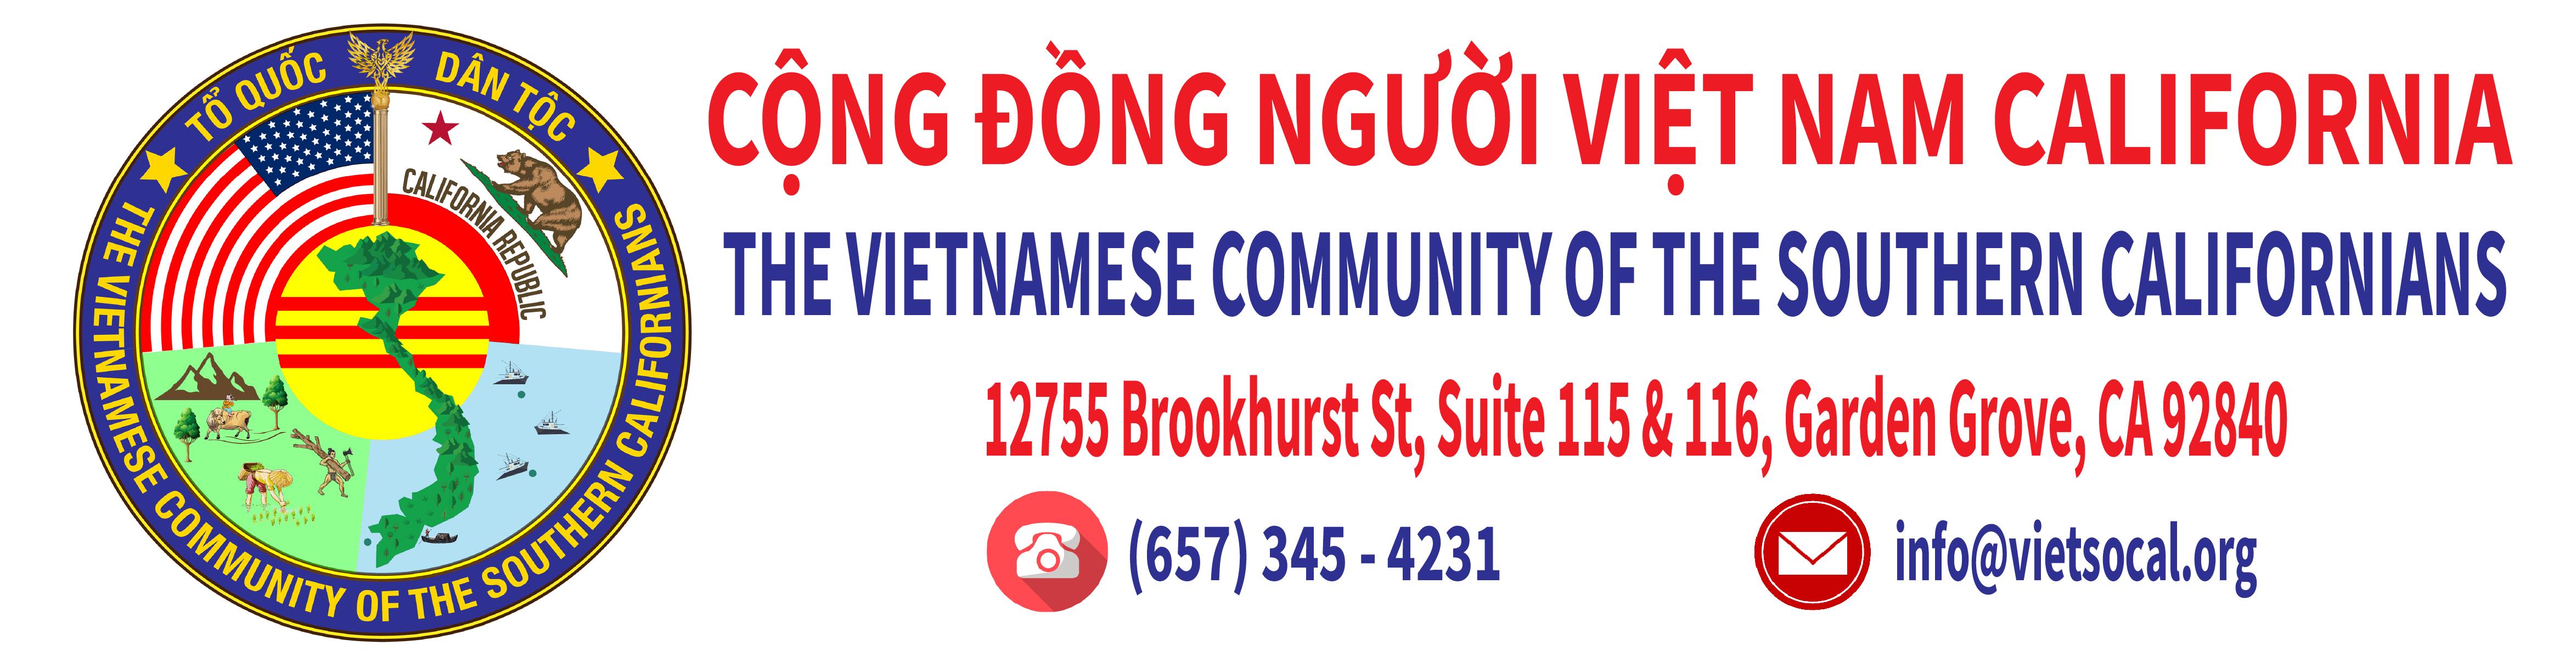 Cộng Đồng Người Việt Nam California | VietSocal